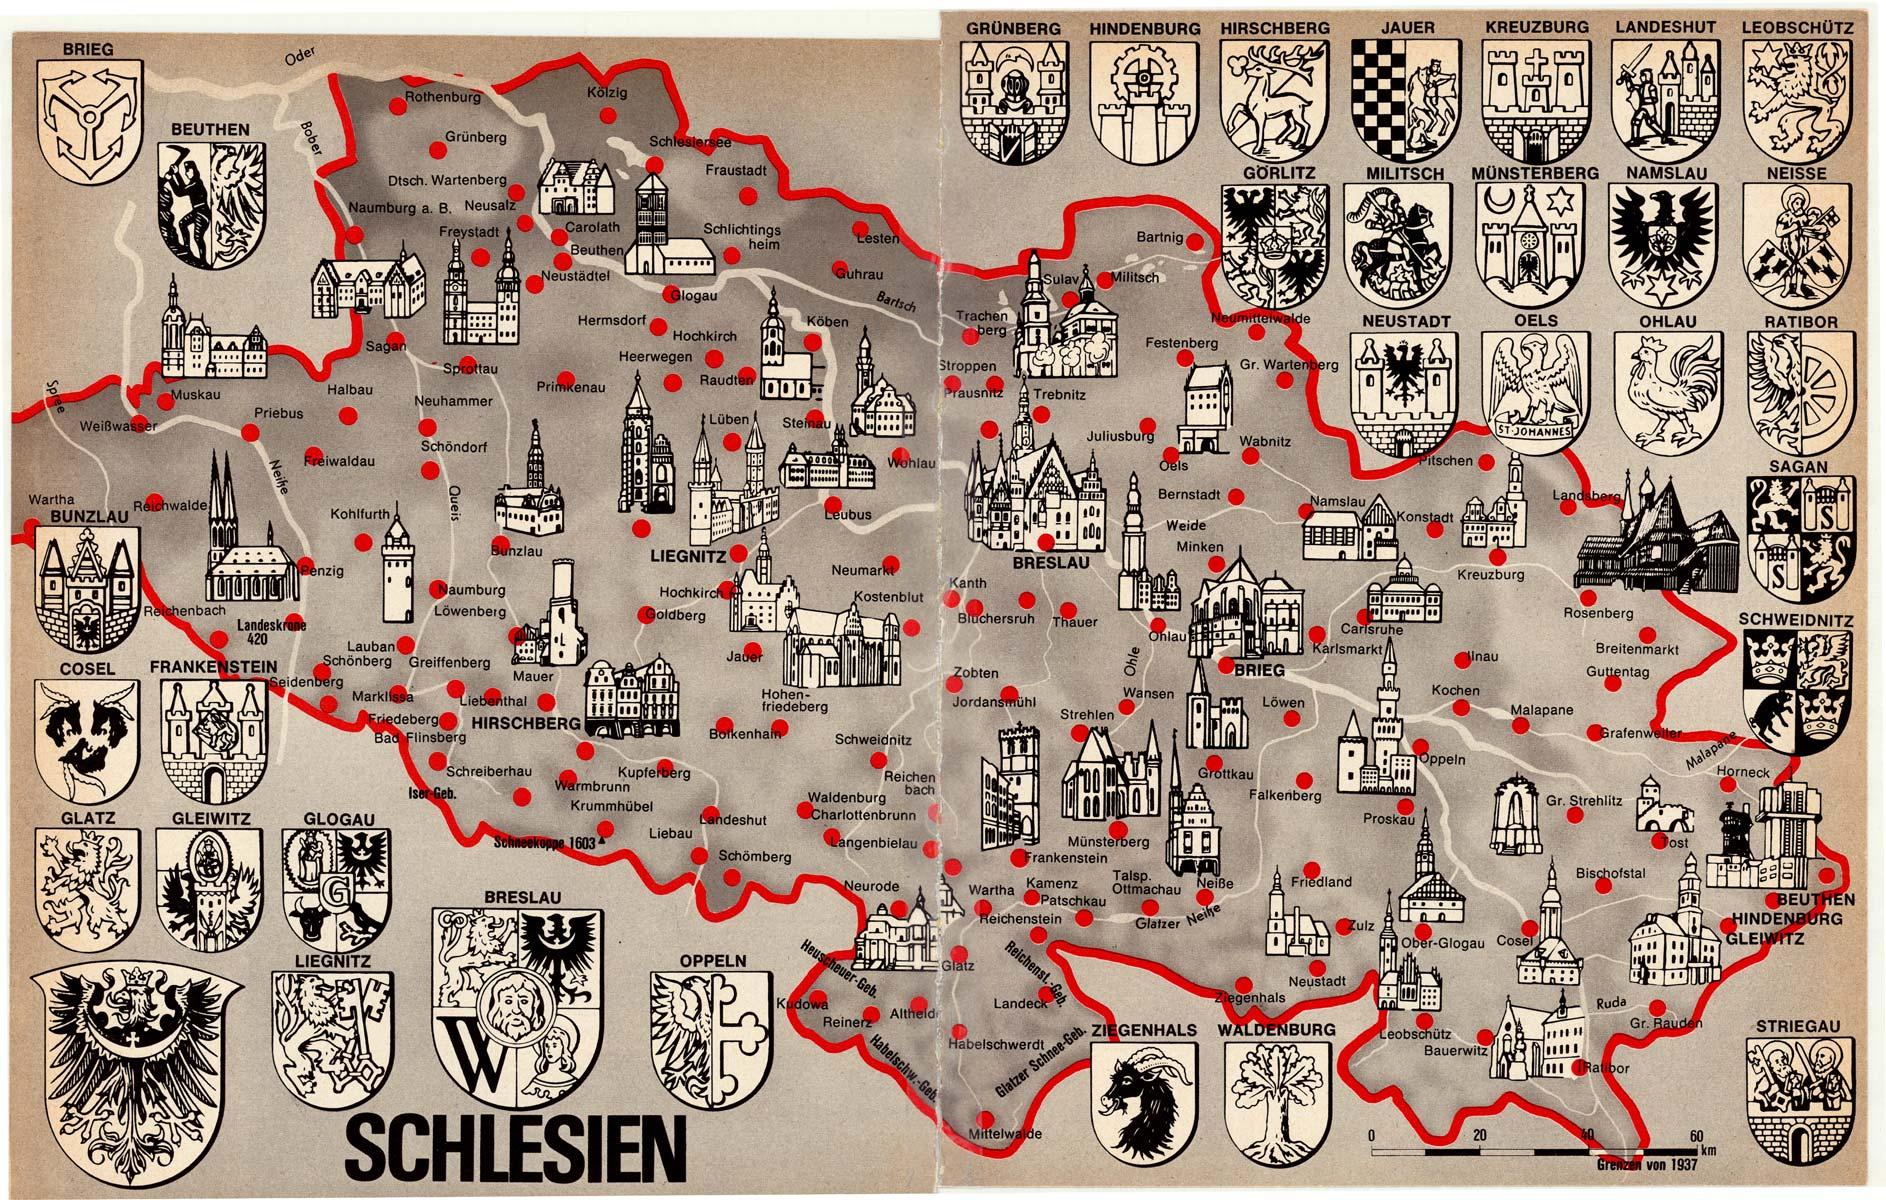 Schlesien Karte Deutsche Ortsnamen.Schlesien Willich Nach 1945 Flucht Und Vertreibung